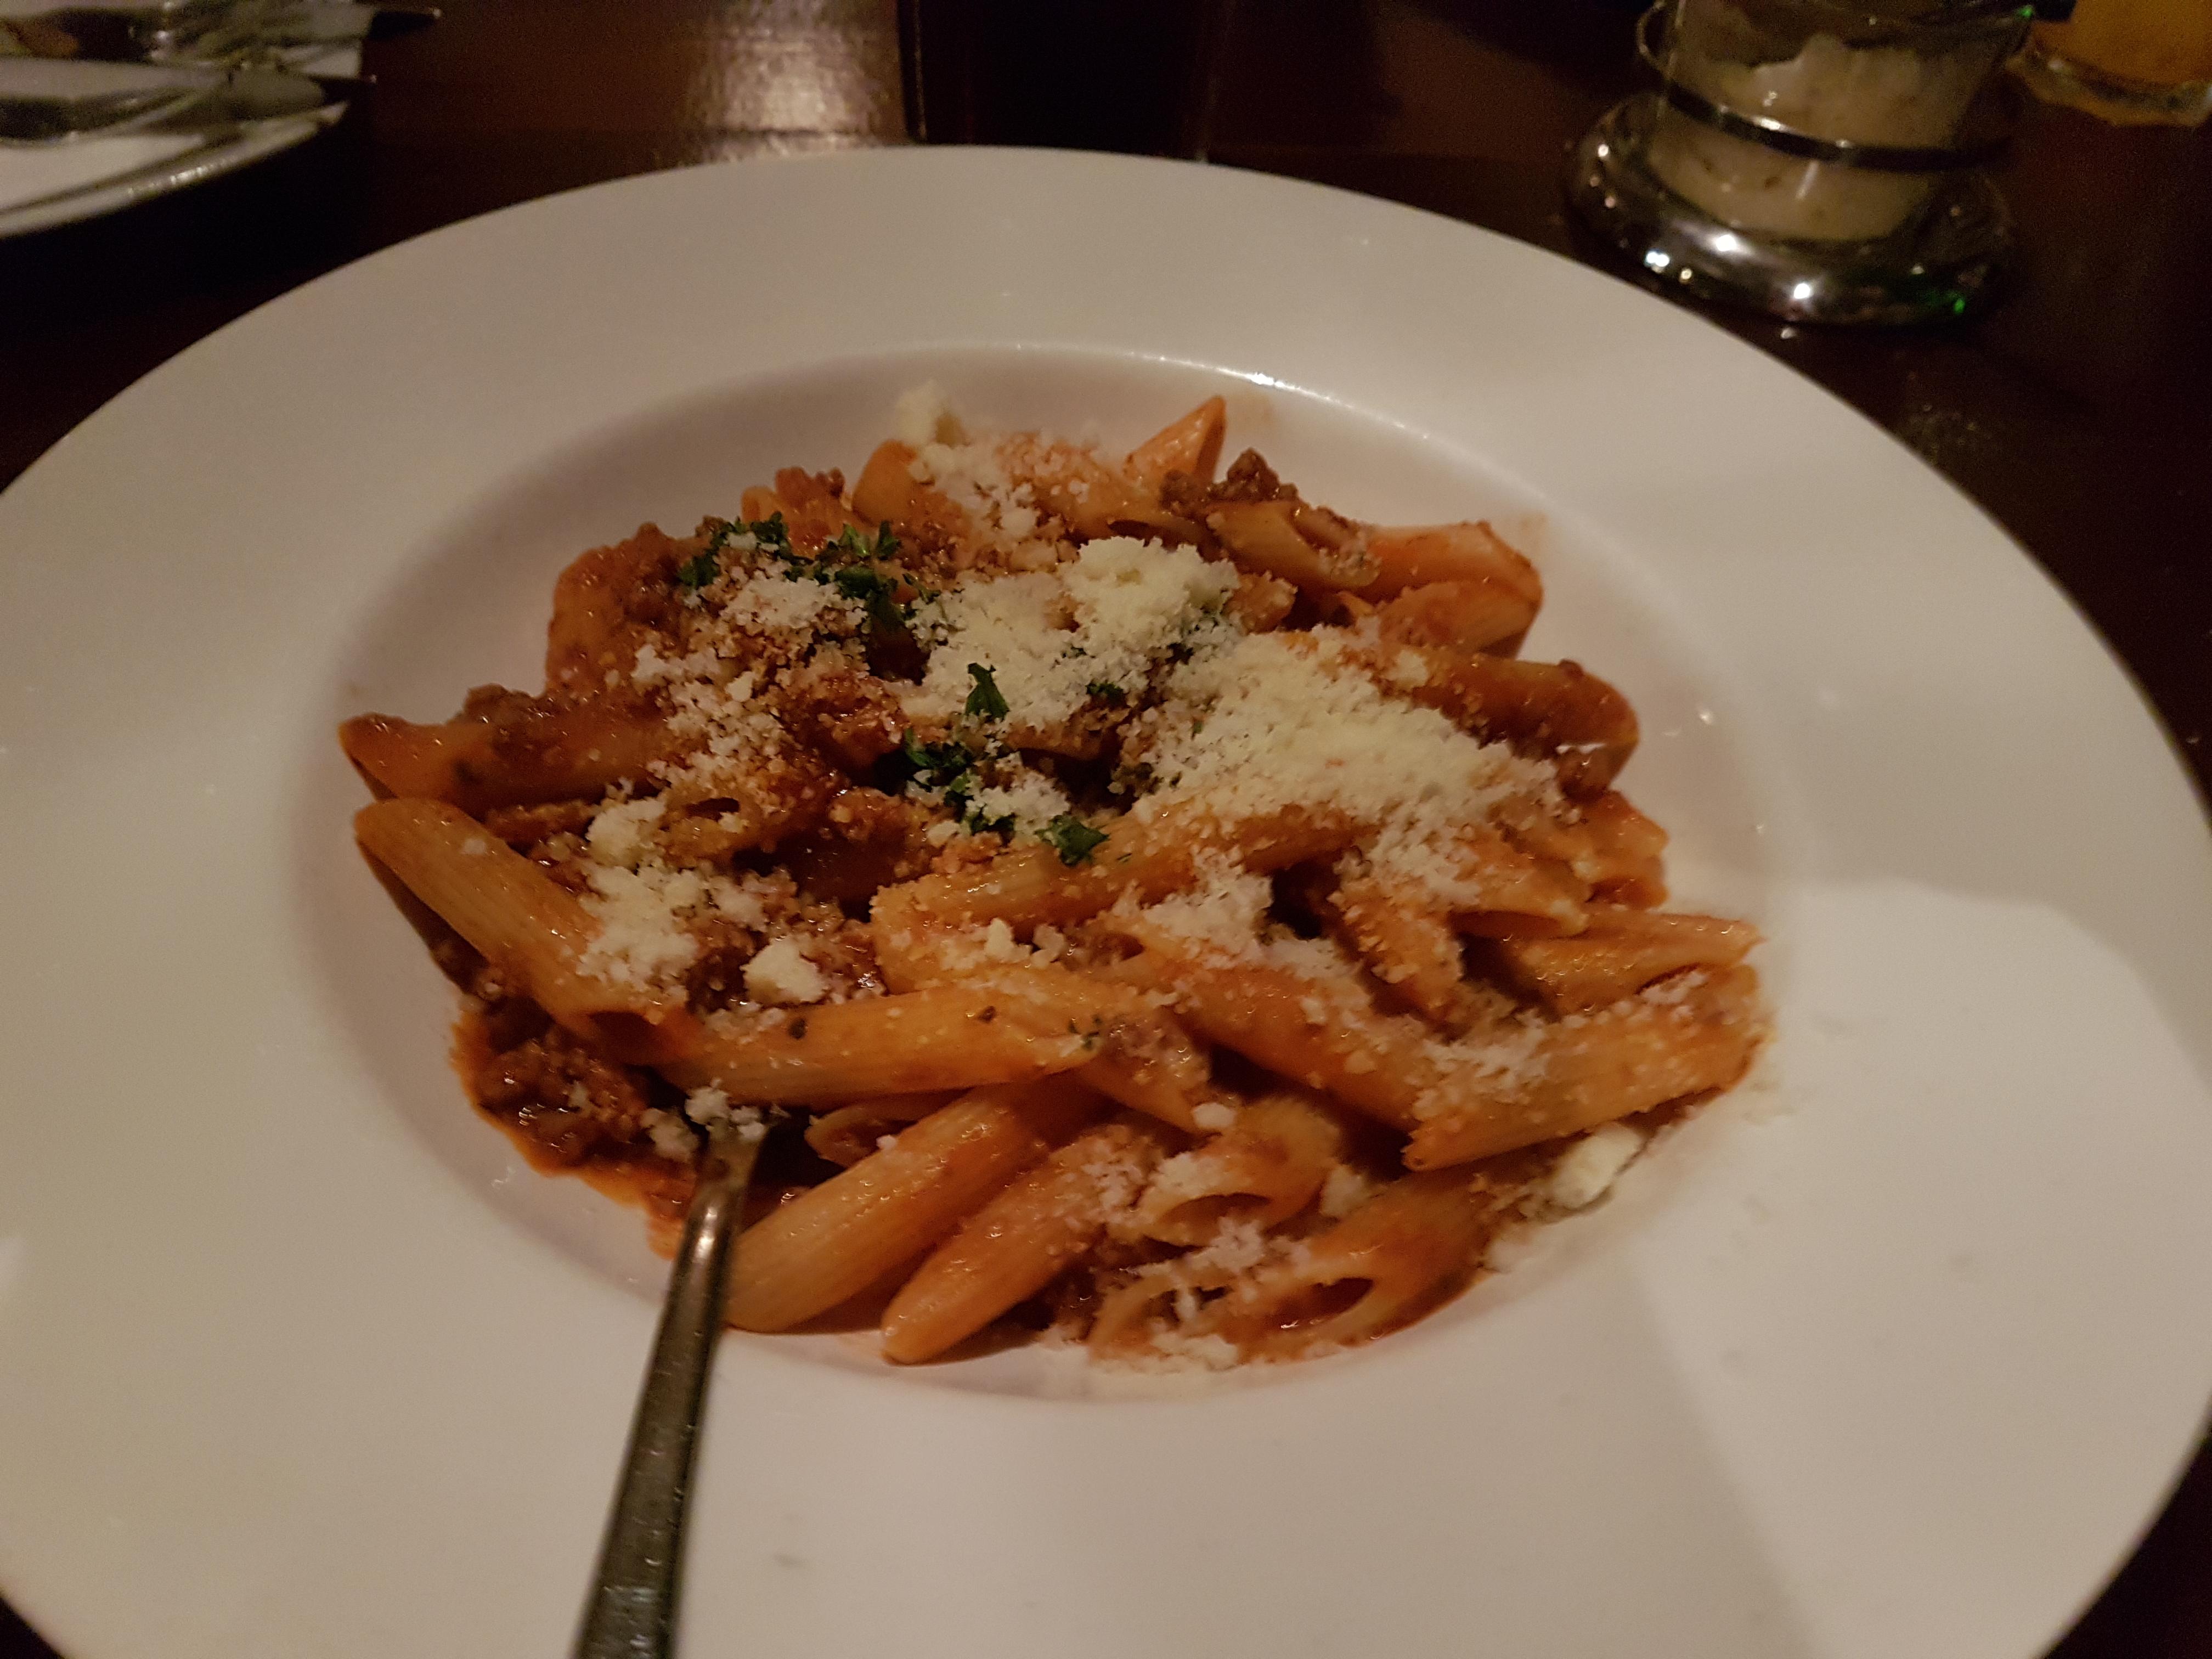 https://foodloader.net/Holz_2017-09-22_Penne_Bolognese.jpg